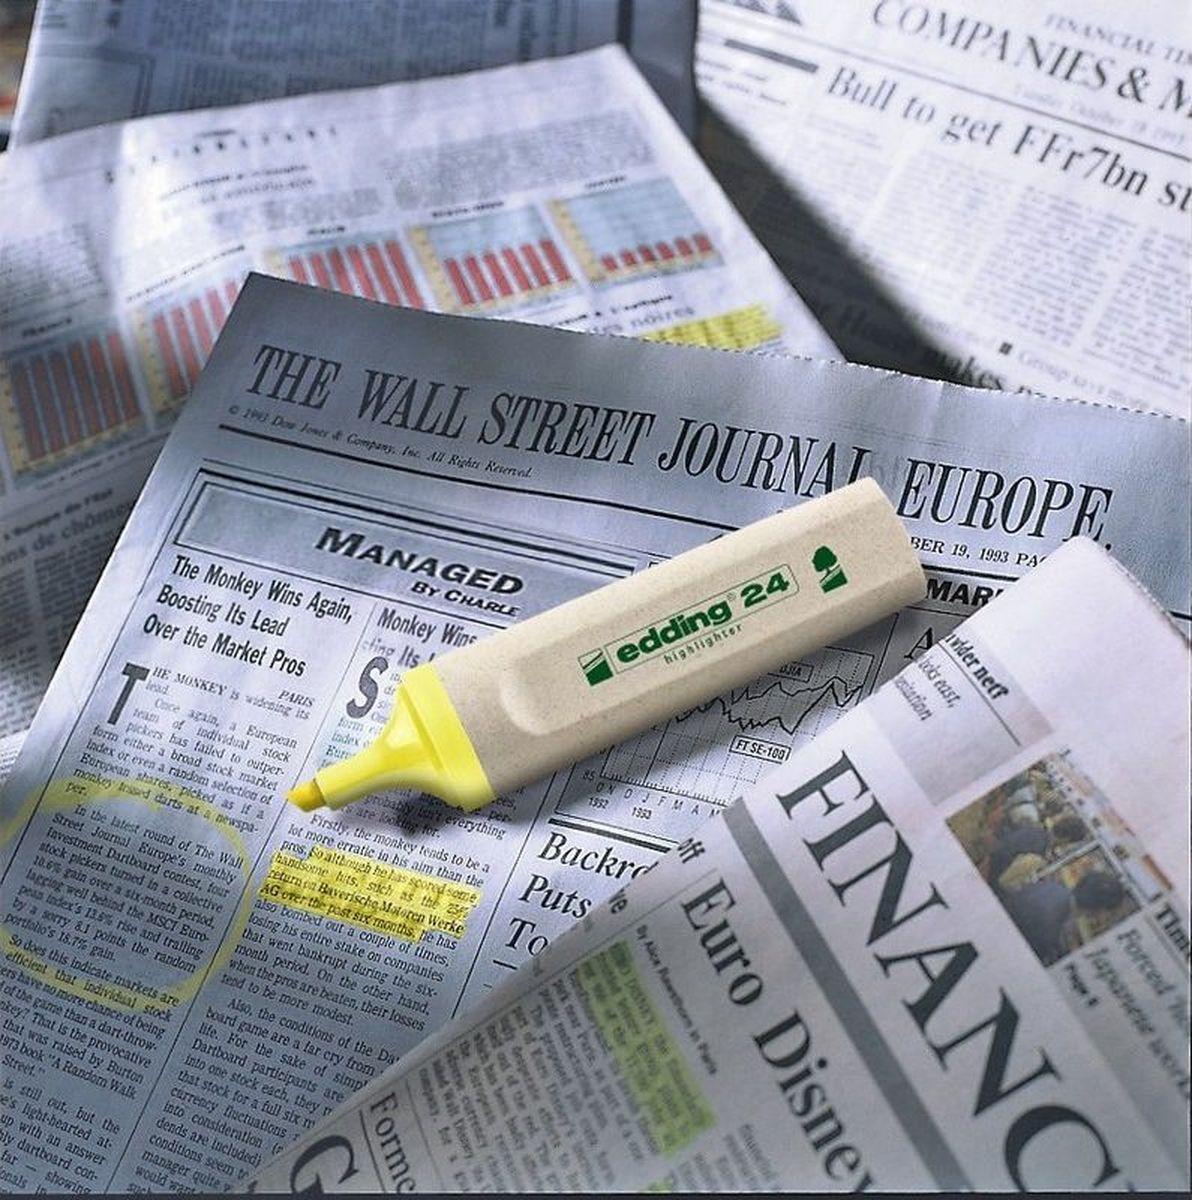 Текстовыделитель Edding серии Эко, предназначенный для маркировки текста наразличных типах бумаги. Эргономичный корпус выполнен изпластика. Скошенный наконечник обеспечивает толщину линии от2до5мм. Флуоресцентные чернила желтого цвета наводной основе нетоксичны, несодержат вредных веществ, устойчивы квоздействию света. Изделие на97% изготовлено изпереработанного сырья без вреда для окружающей среды.